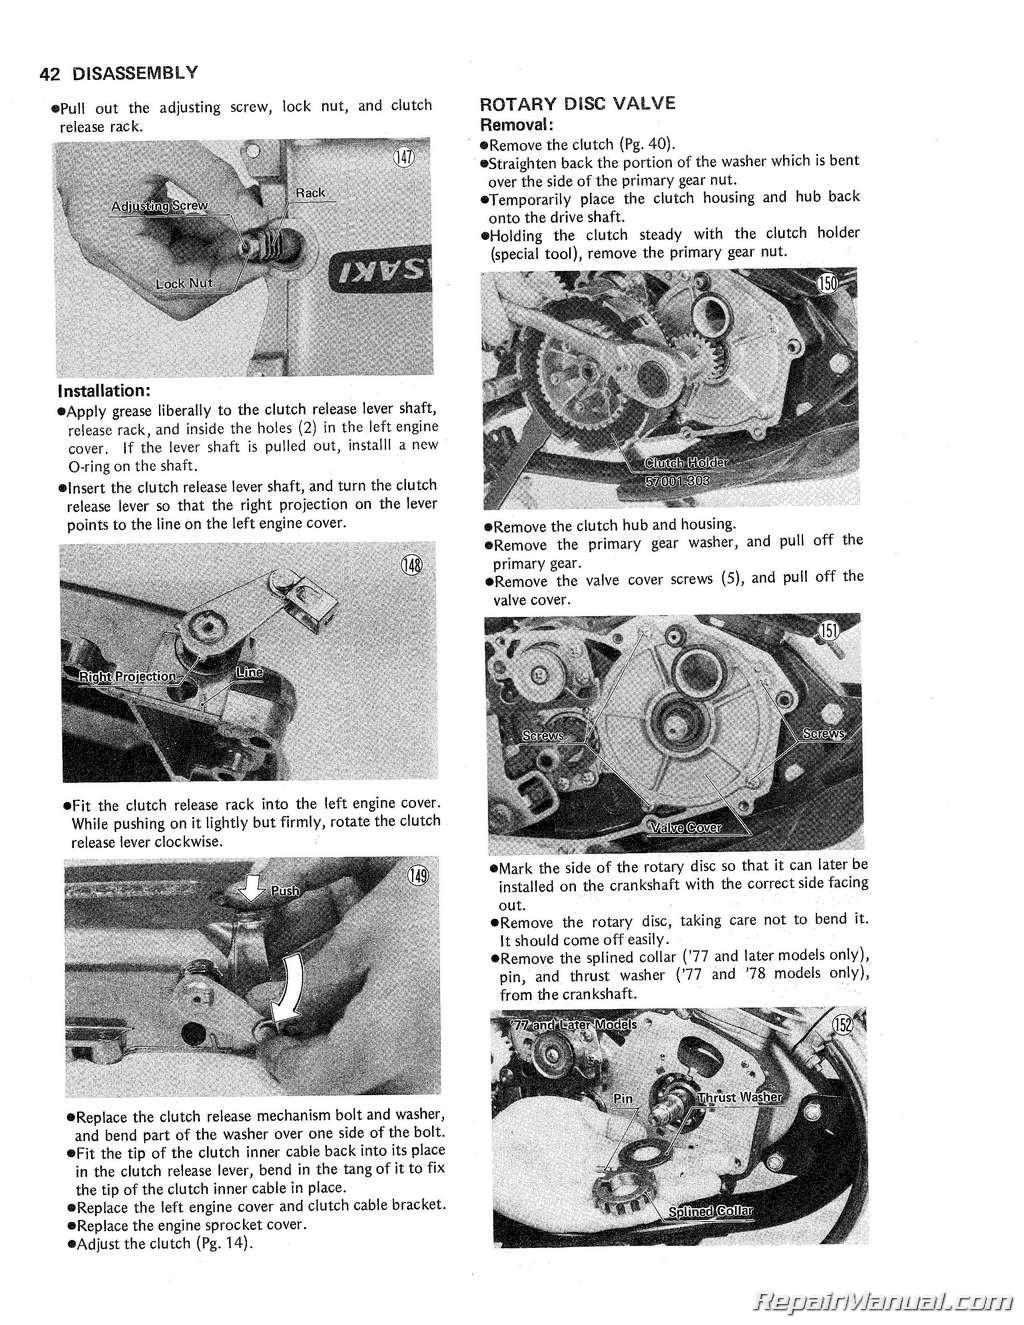 Kawasaki Ks125 Wiring Schematic Detailed Diagrams Ex500 Diagram Ke125 1974 1985 Motorcycle Service Repair Manual